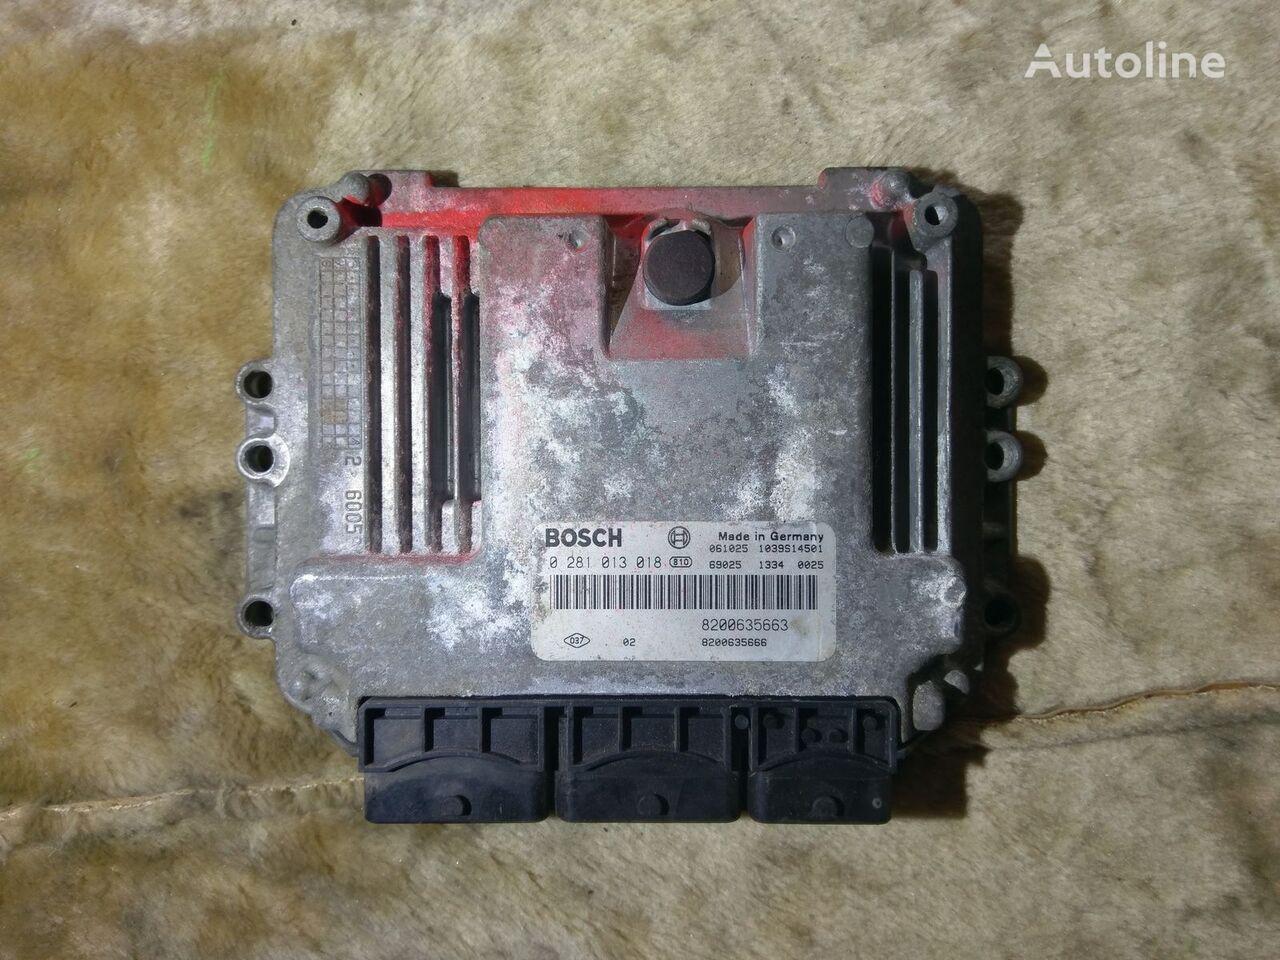 BOSCH 0281013018 8200635663 8200635666 unidad de control para RENAULT MOVANO automóvil